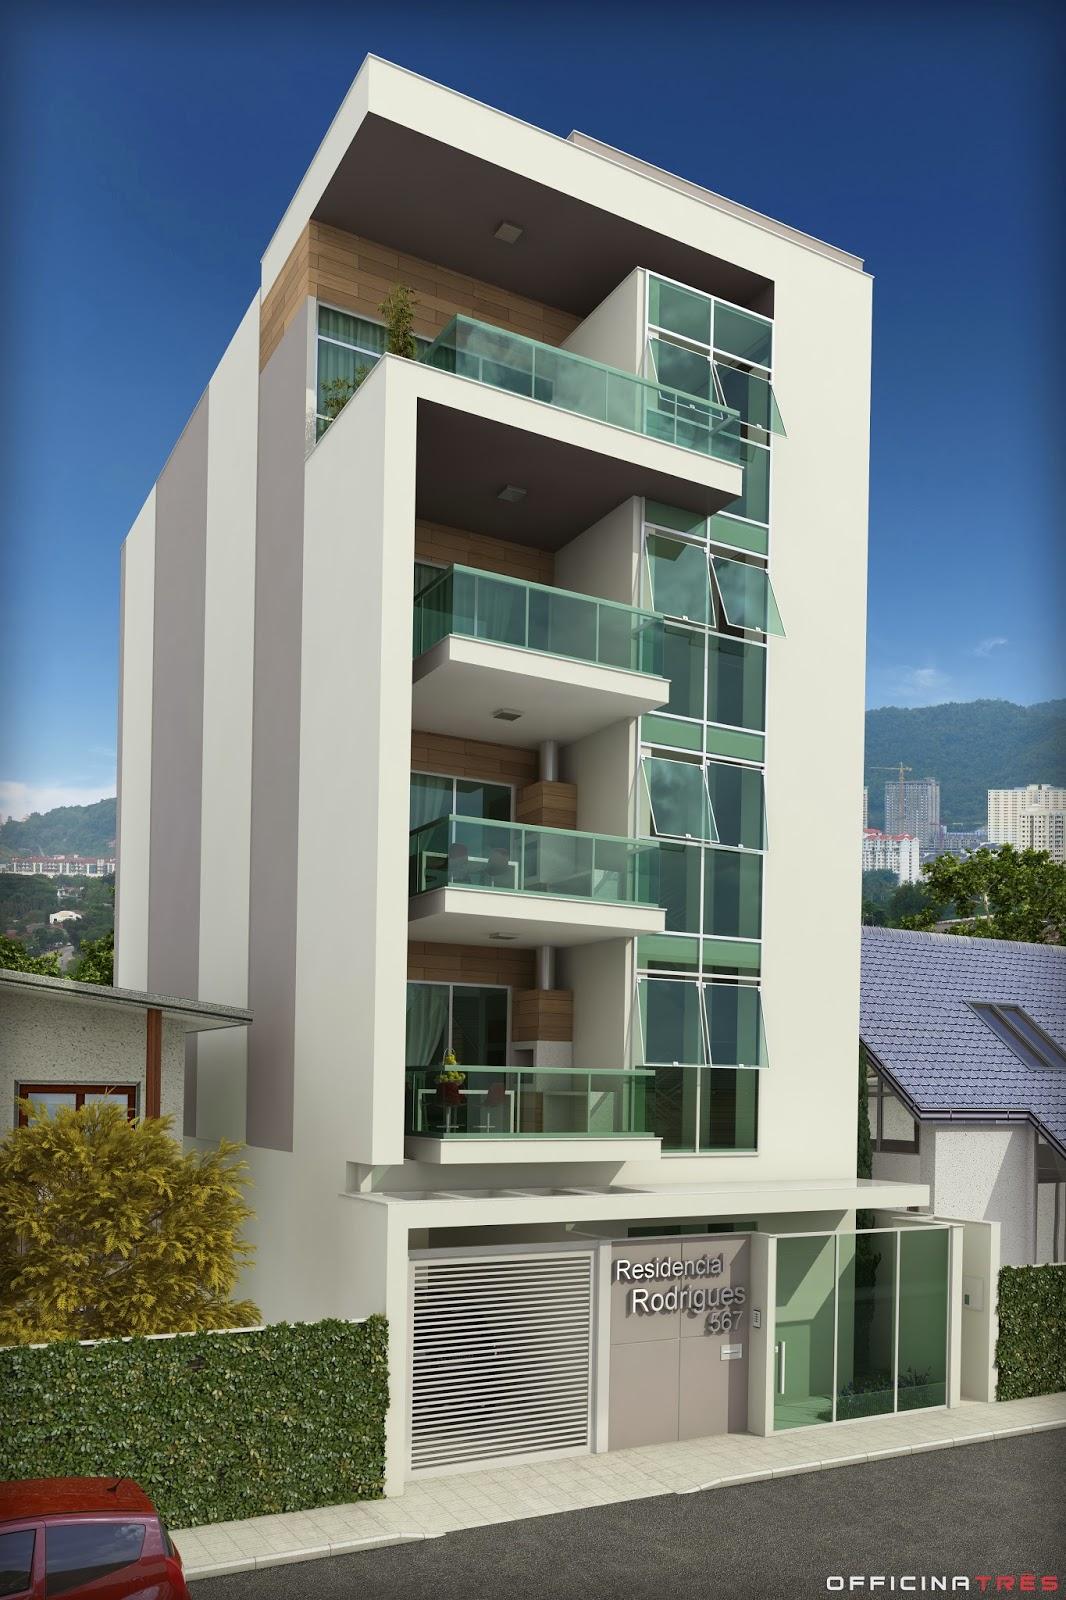 Officinatr s pr dio residencial em manhua u mg for Fachadas de hoteles de lujo